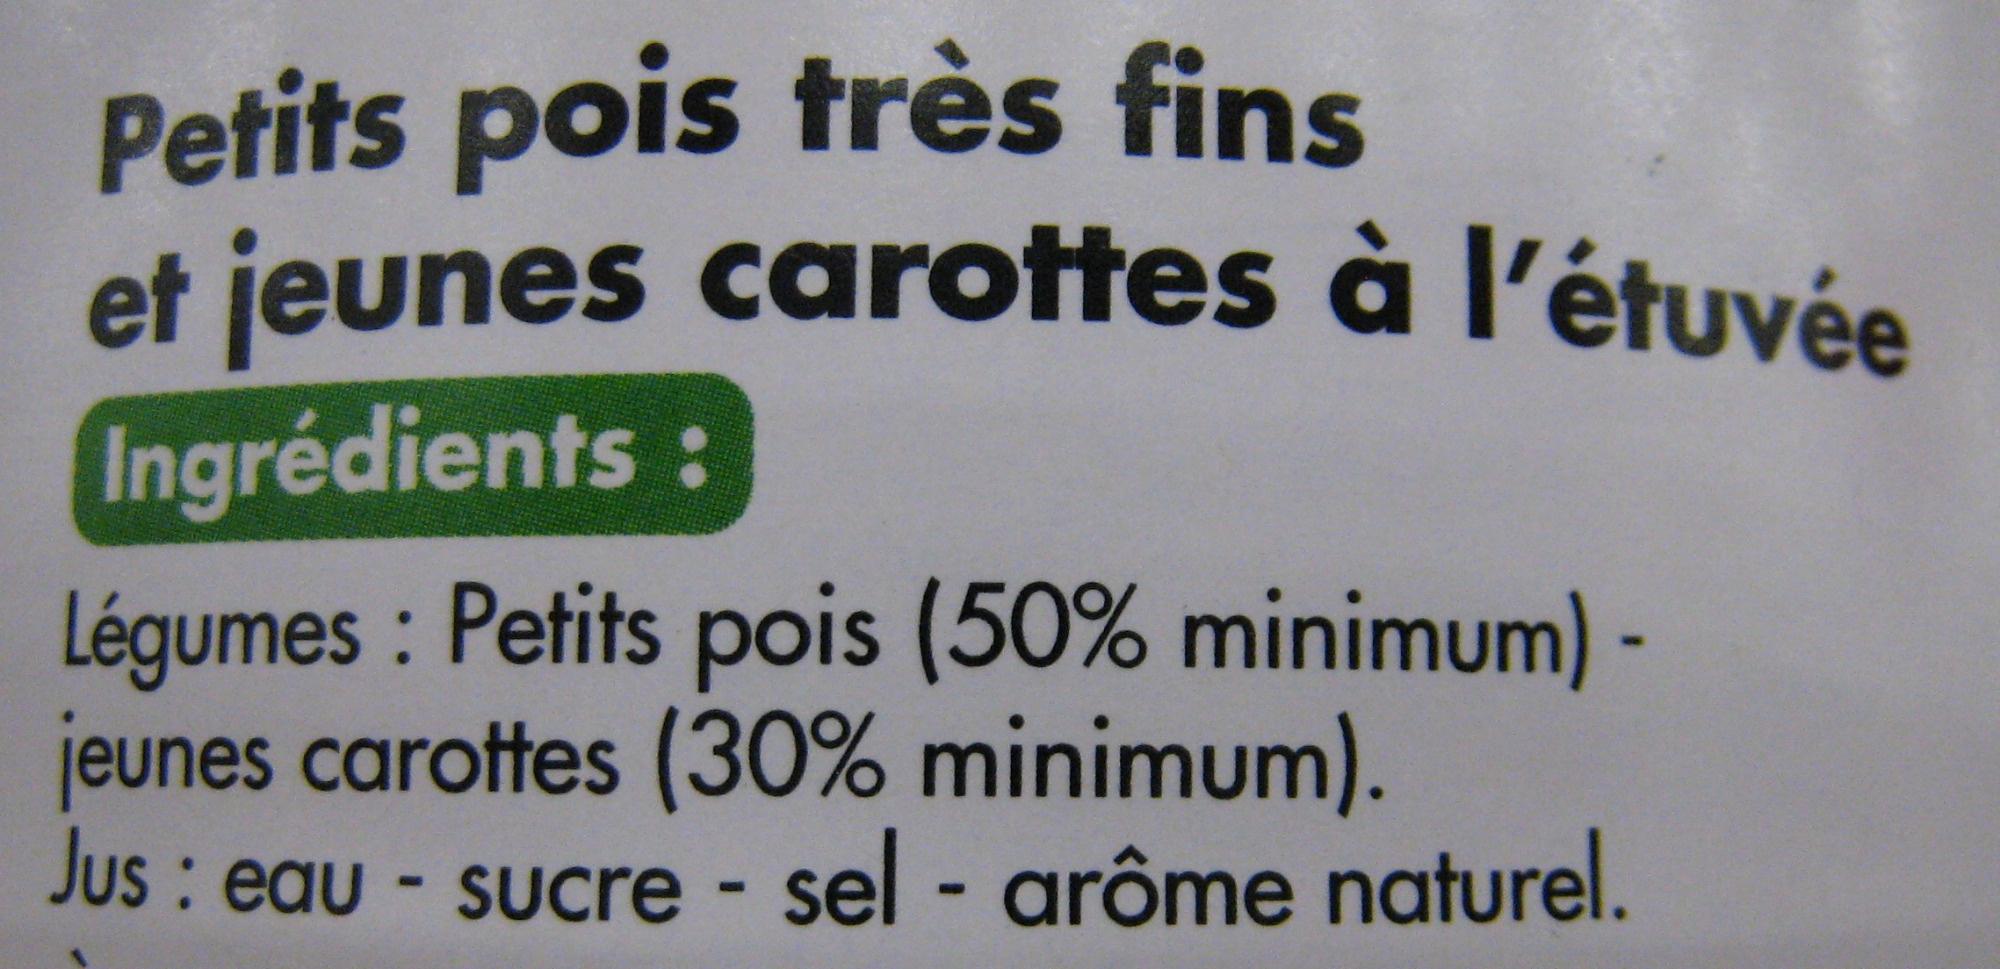 Petits pois très fins jeunes et carottes à l'étuvée - Ingrédients - fr